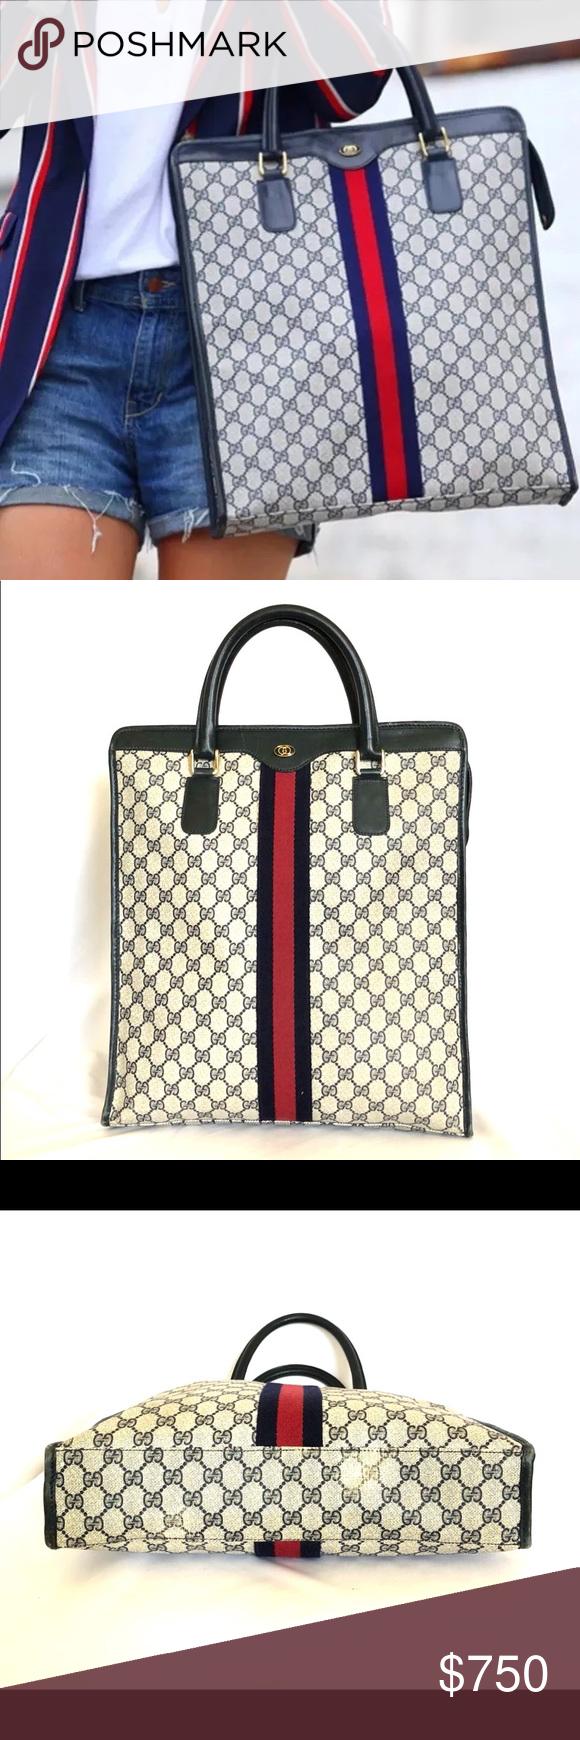 71af0b002f2d GUCCI VINTAGE GG SUPREME CL TOTE BAG Pre-owned Gucci Vintage GG Supreme XL  Tote